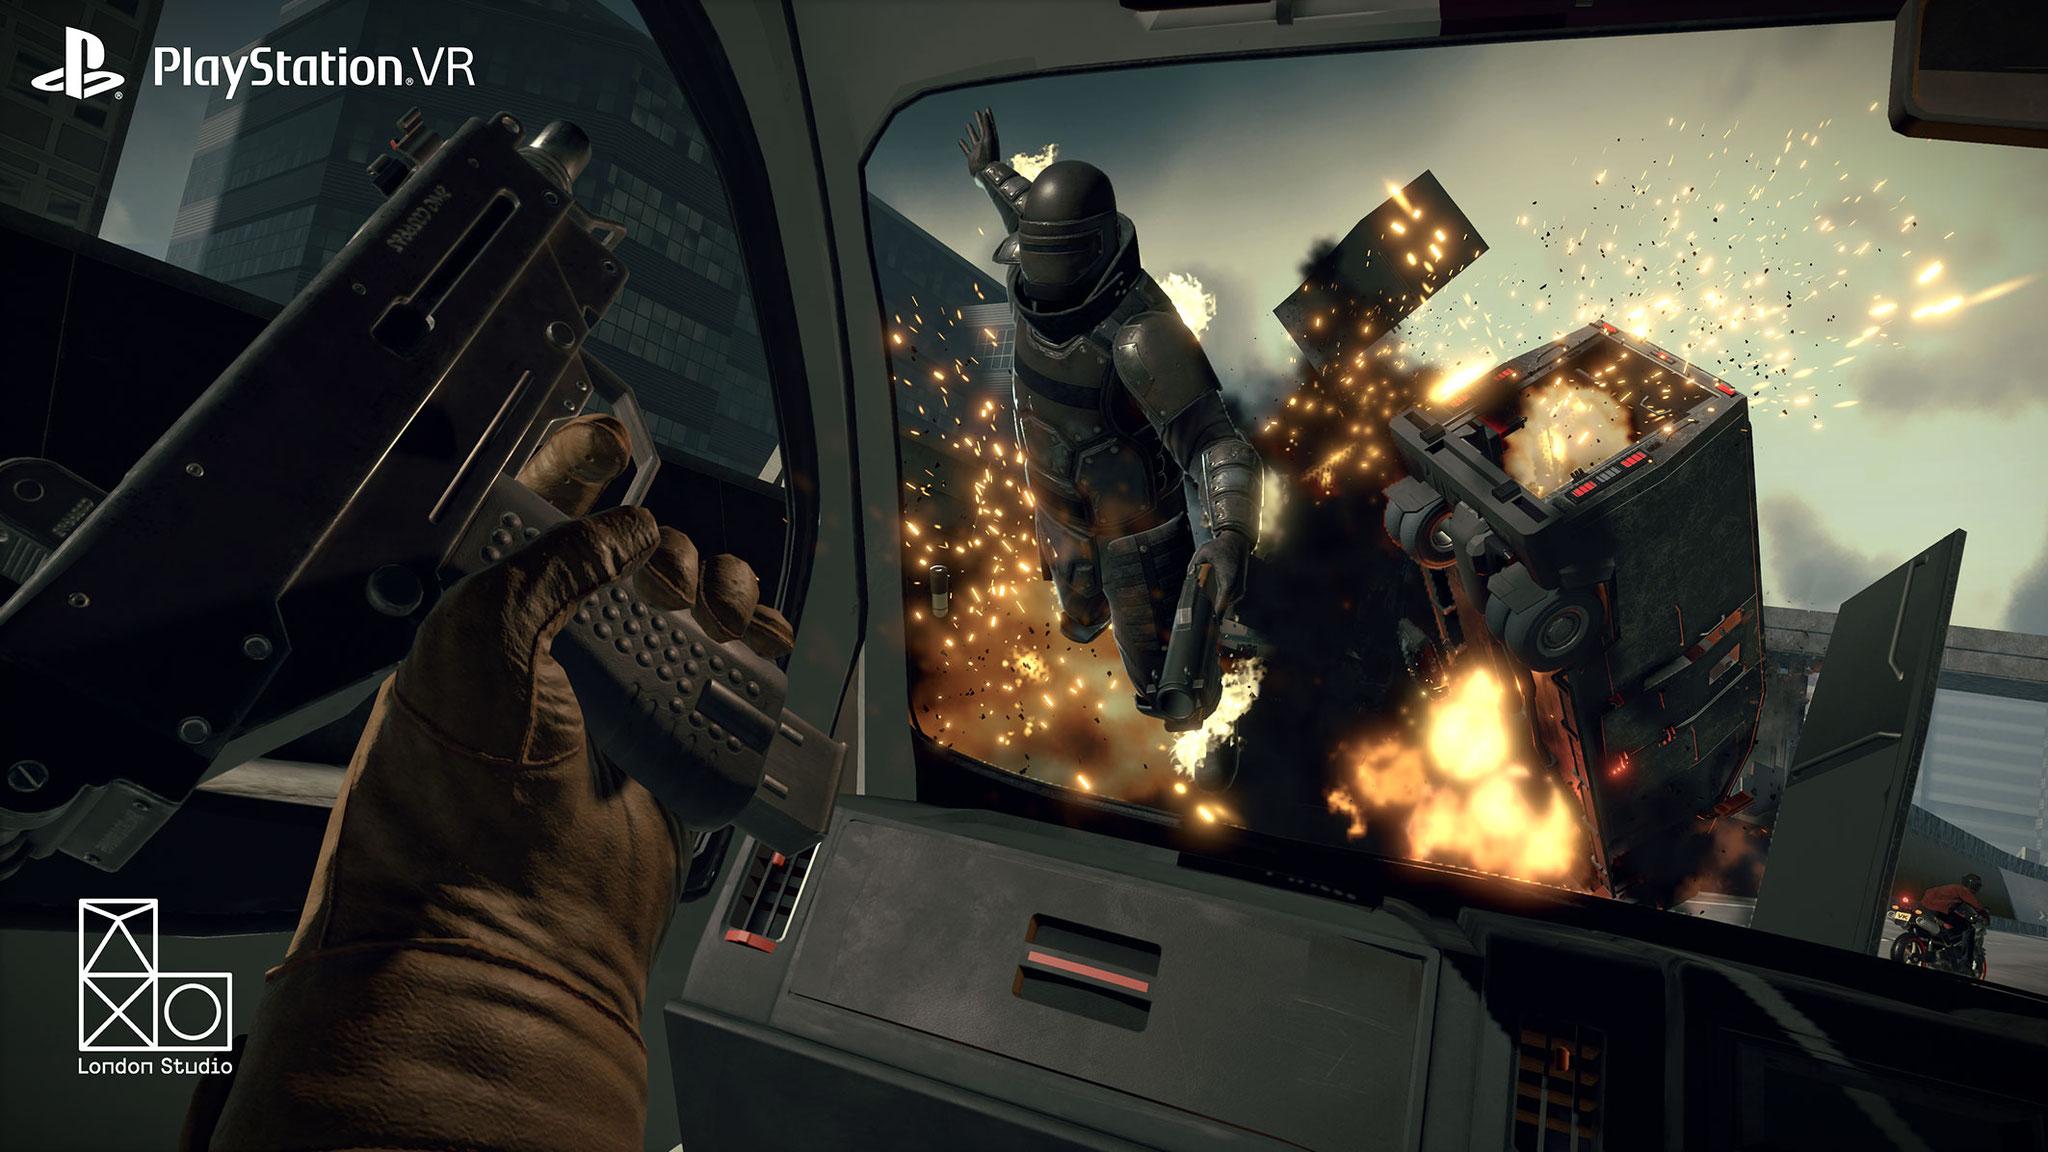 """Mehr Funktions- und Stimmungs-Demo als Spiel, aber dafür umso verheißungsvoller: """"The Heist"""" aus """"PlayStation VR Worlds"""" zeigt, wie großes Kino auf dem Headset aussehen kann"""